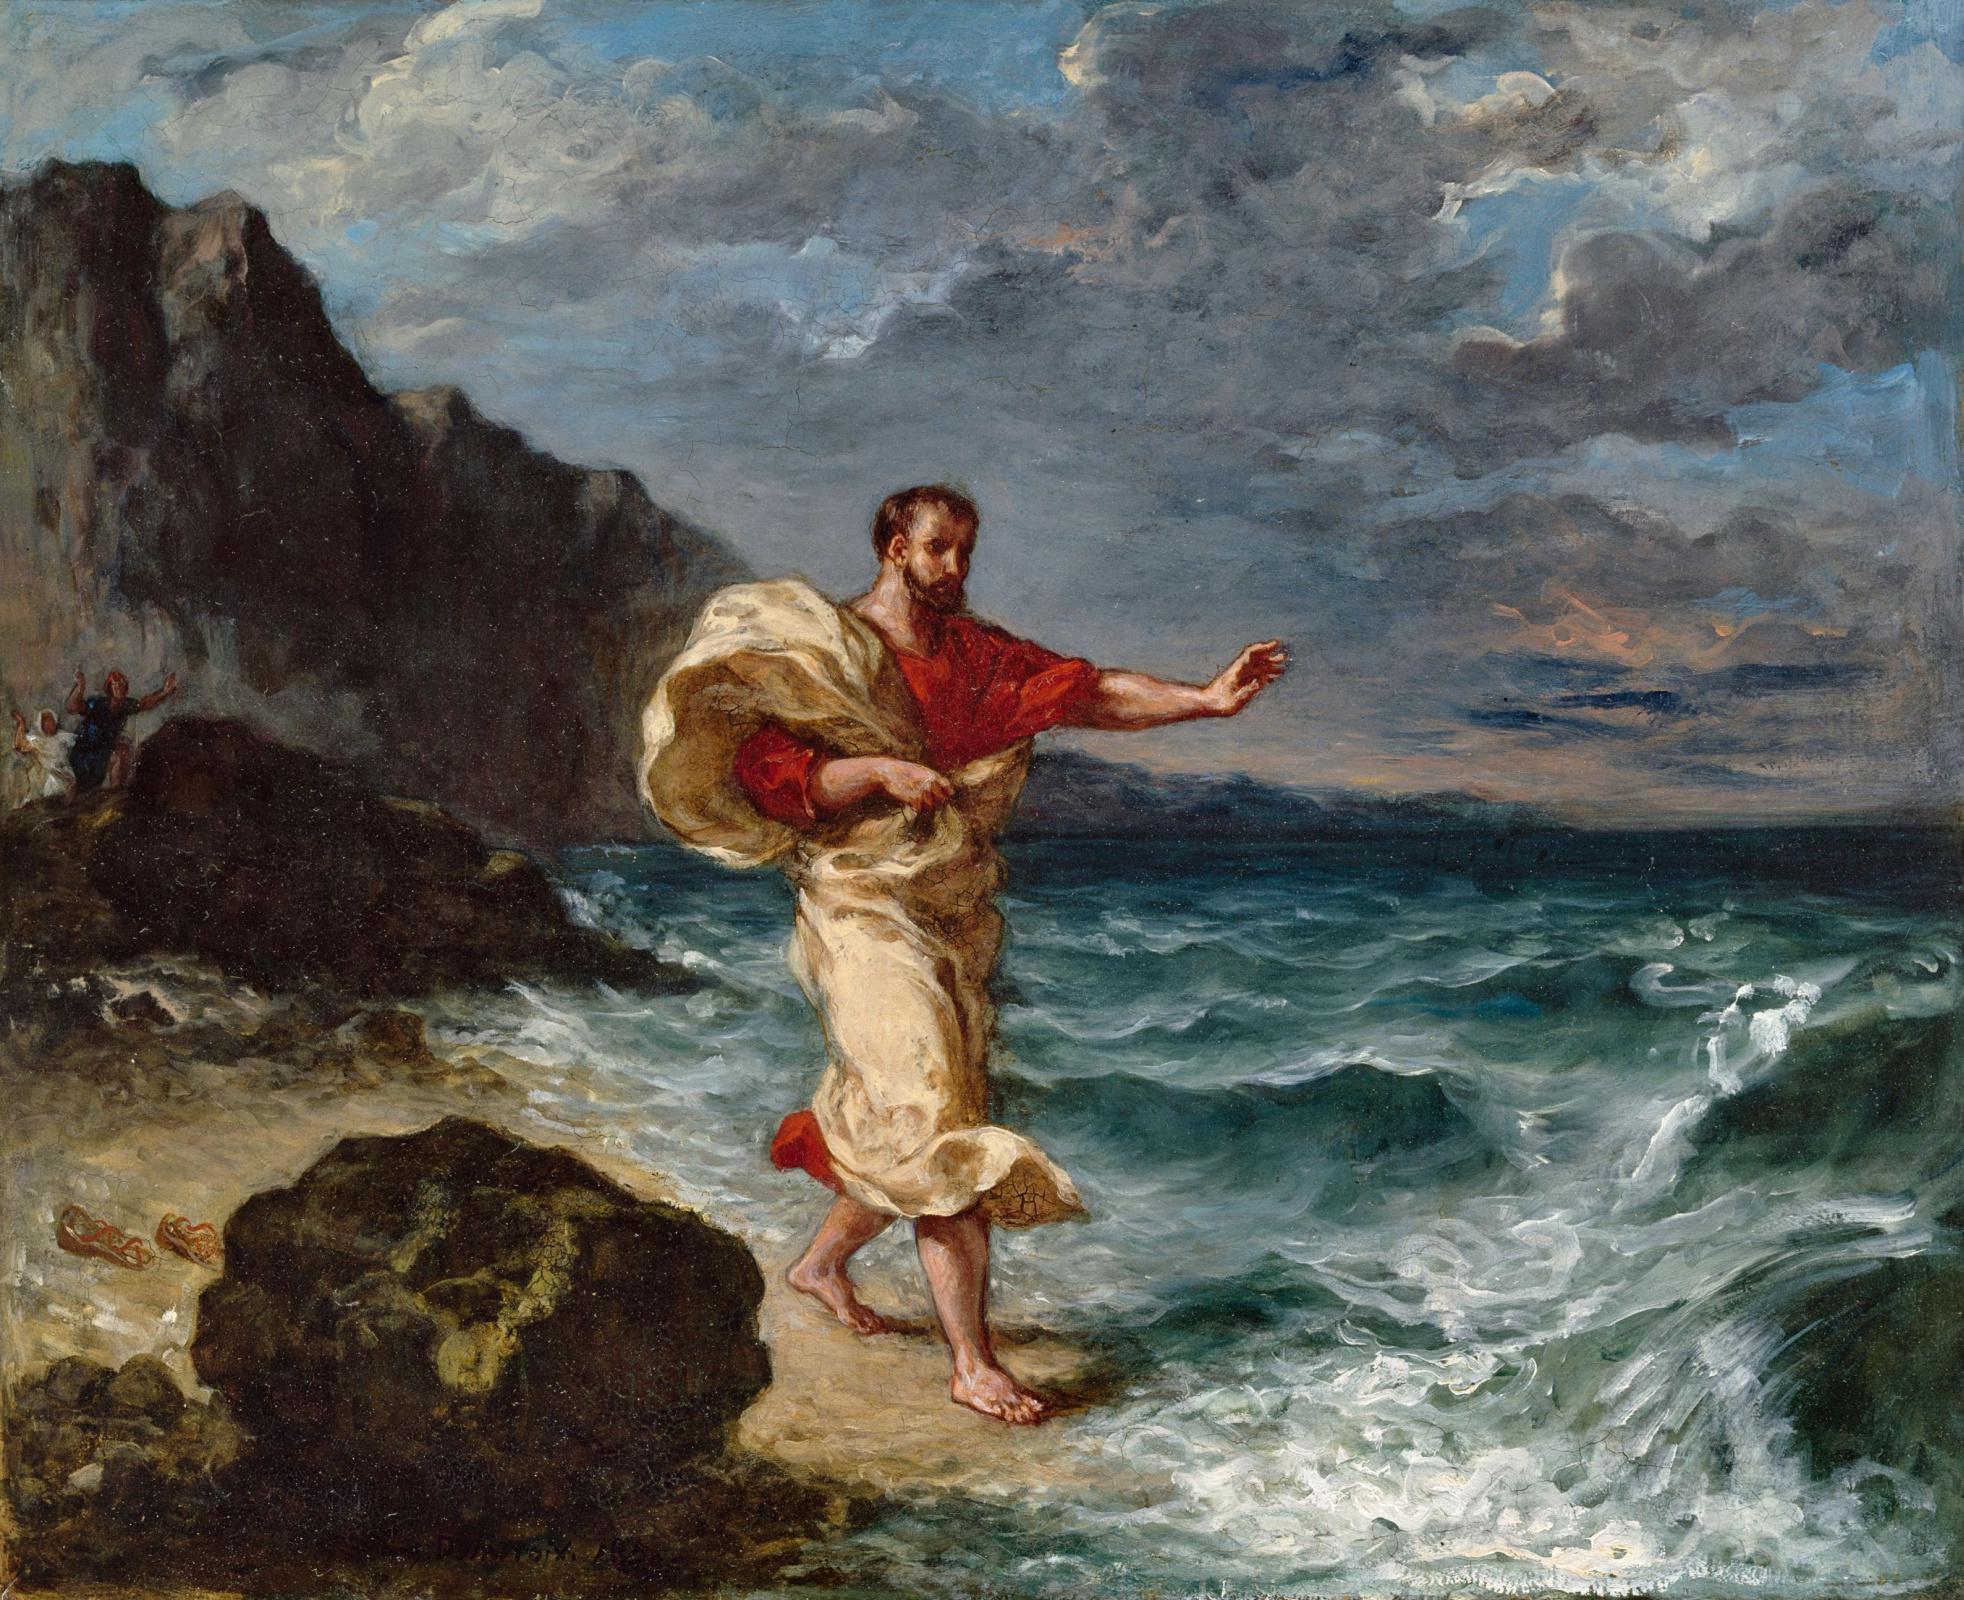 РЕЧИ, КОТОРЫЕ ИЗМЕНИЛИ МИР: спор Демосфена и Эсхина «О венке»